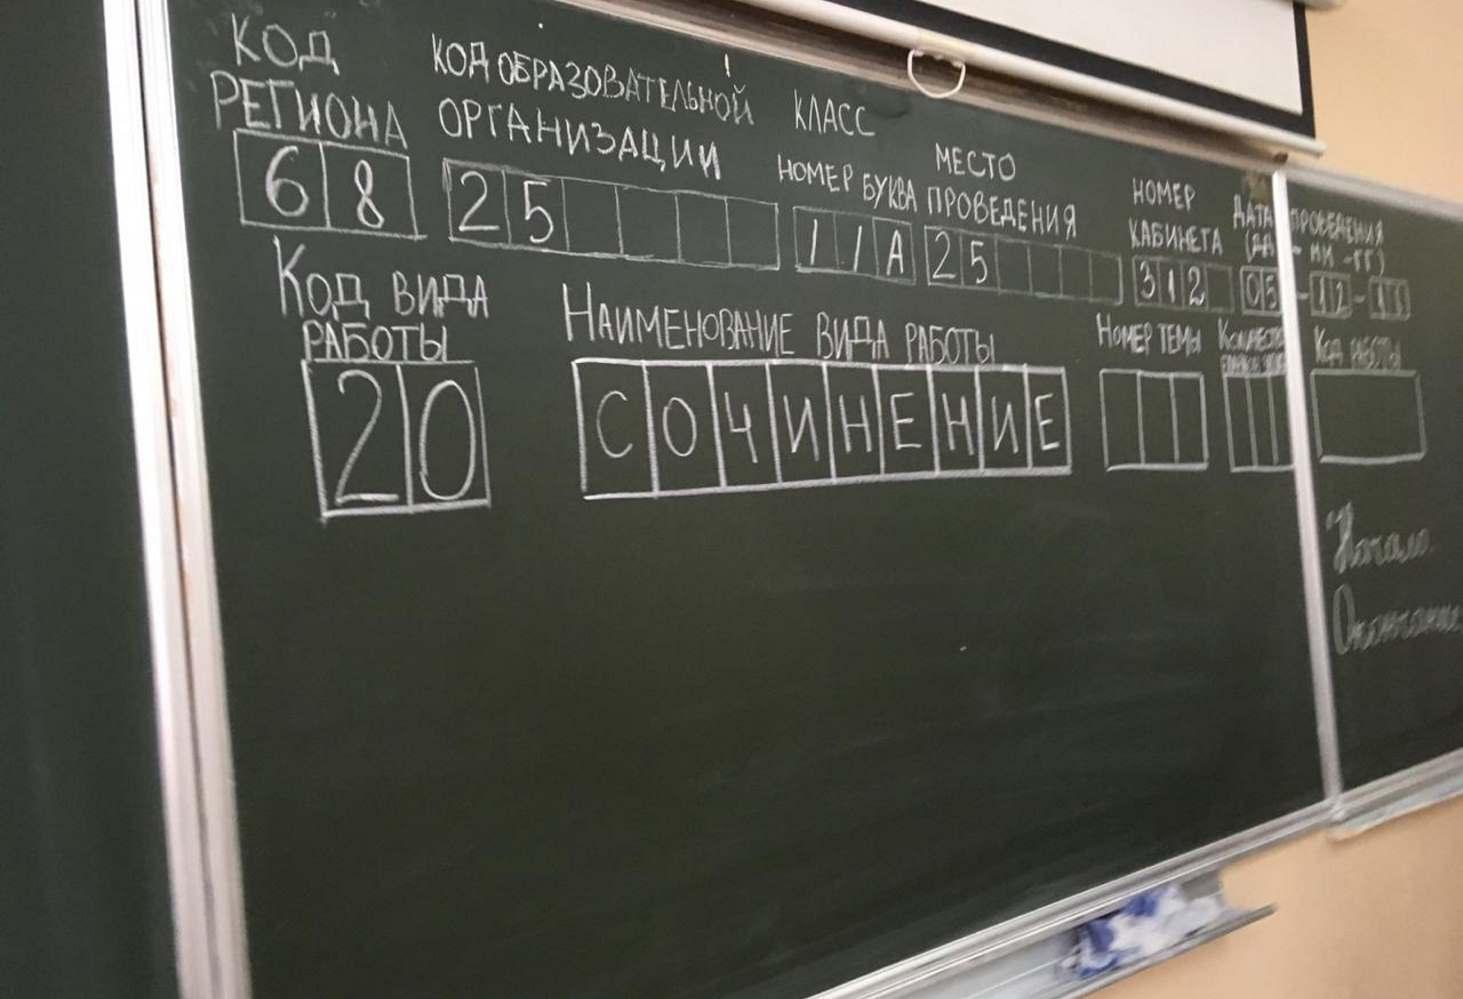 rosobrnadzor-s-itogovym-sochineniem-spravilis-98-odinnadtsatiklassnikov